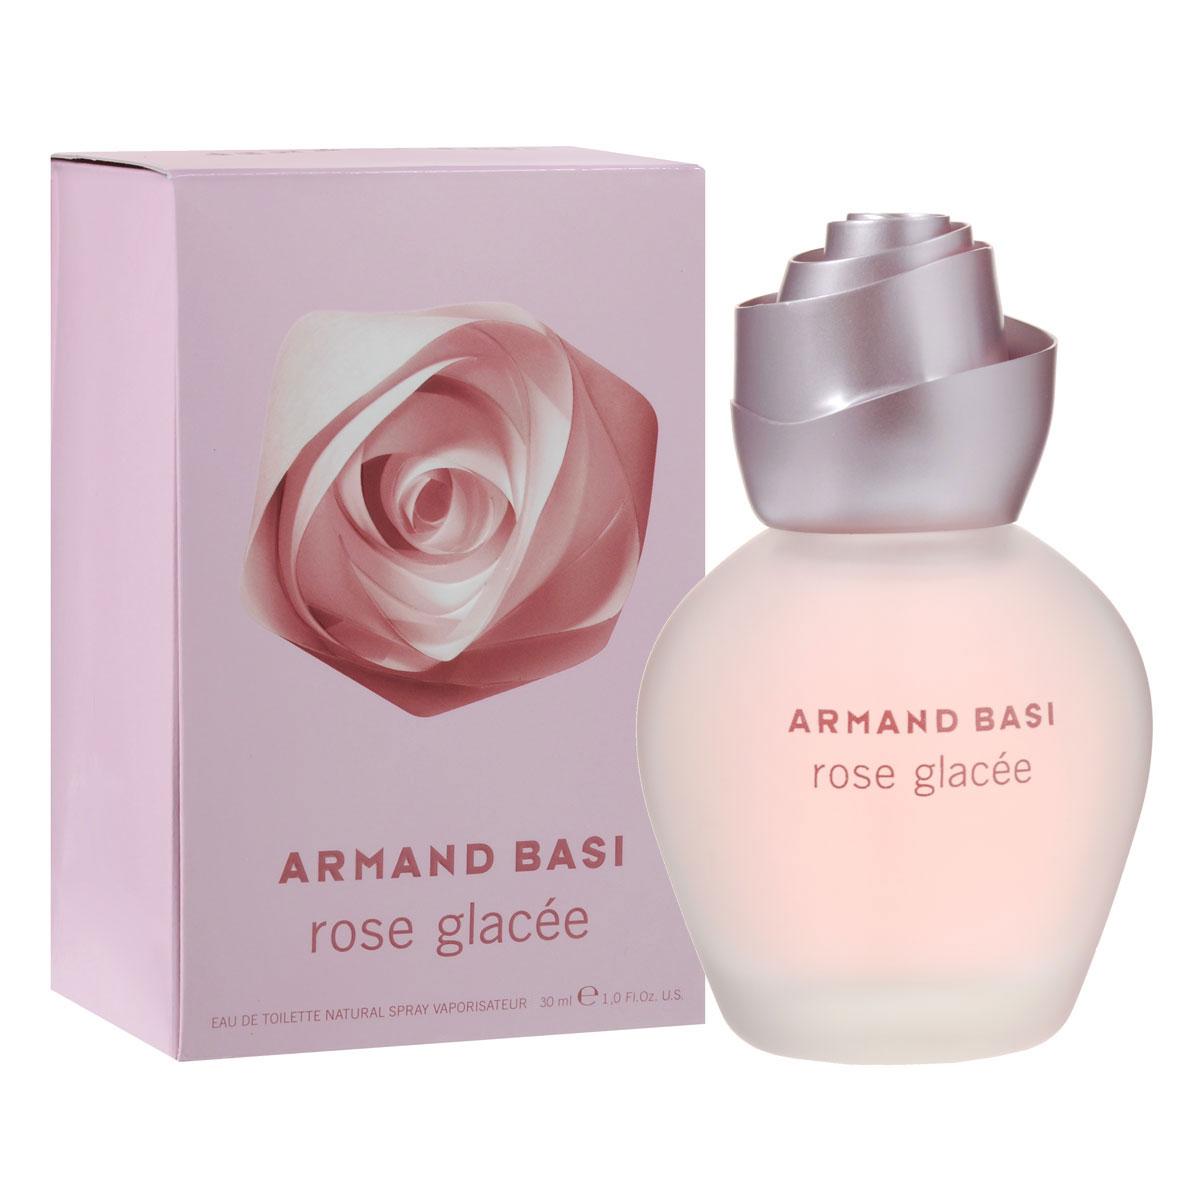 """Armand Basi Туалетная вода Rose Glacee, женская, 30 мл47099Органичная и геометричная, роза является сердцем и вдохновением нового аромата от Armand Basi, который открывает перед нами мир сущности цветка. Его концепция усовершенствована и обновлена выведением на игровое поле главного игрока - геометрии. Роза - это символ совершенства. Универсальный цветок, признанный во всем мире воплощением тайны женщины. Это самый безупречный цветок. Ее красота радует глаз; ее аромат роскошный, превосходный, пьянящий, нежно-бархатный и хрупкий. И в то же время он обманывает, бунтует и отклоняется от всех мыслимых стандартов: шипы ранят руку каждого, кто осмелится срезать розу.Glacee - французское слово, которое обозначает """"замороженный"""". Роза, закованная в ледяные цепи. Хранимая холодом, продлевающим жизнь ее красоты, она стоит непокорно и гордо. Обольстительная и прекрасная. Rose Glacee, имя нового аромата, воплощающего напряжение во внешнем проявлении. Теплая и холодная, спокойная и агрессивная, дружелюбная, но предающая, прекрасная, но эфемерная. Она совершенна в своей хрупкости, как и в своей обманности. Восхищаться ей - это испытывать обоснованную страсть к ее совершенству. Armand Basi Rose Glacee - это туманное очертание розы на закате. Свежесть, смешанная с нетерпением. Совершенство, замороженное во времени. Холод, что стимулирует и пробуждает. Форма спирали, что выбрасывается вперед. Завуалированный предмет удовольствия, словно обещание на будущее. Жажда жизни. Интенсивность молодости. Тайна, что постепенно раскрывается. Неудержимая и первобытная радость бытия.Классификация аромата: цветочный.Пирамида аромата:Верхние ноты: зеленое яблоко, грейпфрут, лимон.Ноты сердца: роза Пьяже, корица, абрикосовый нектар.Ноты шлейфа: светлое дерево, амбра, мускус.Ключевые словаСвежий, морозный, таинственный!Туалетная вода - один из самых популярных видов парфюмерной продукции. Туалетная вода содержит 4-10%парфюмерного экстракта. Главные достоинства данного типа продукции заключаются в дос"""